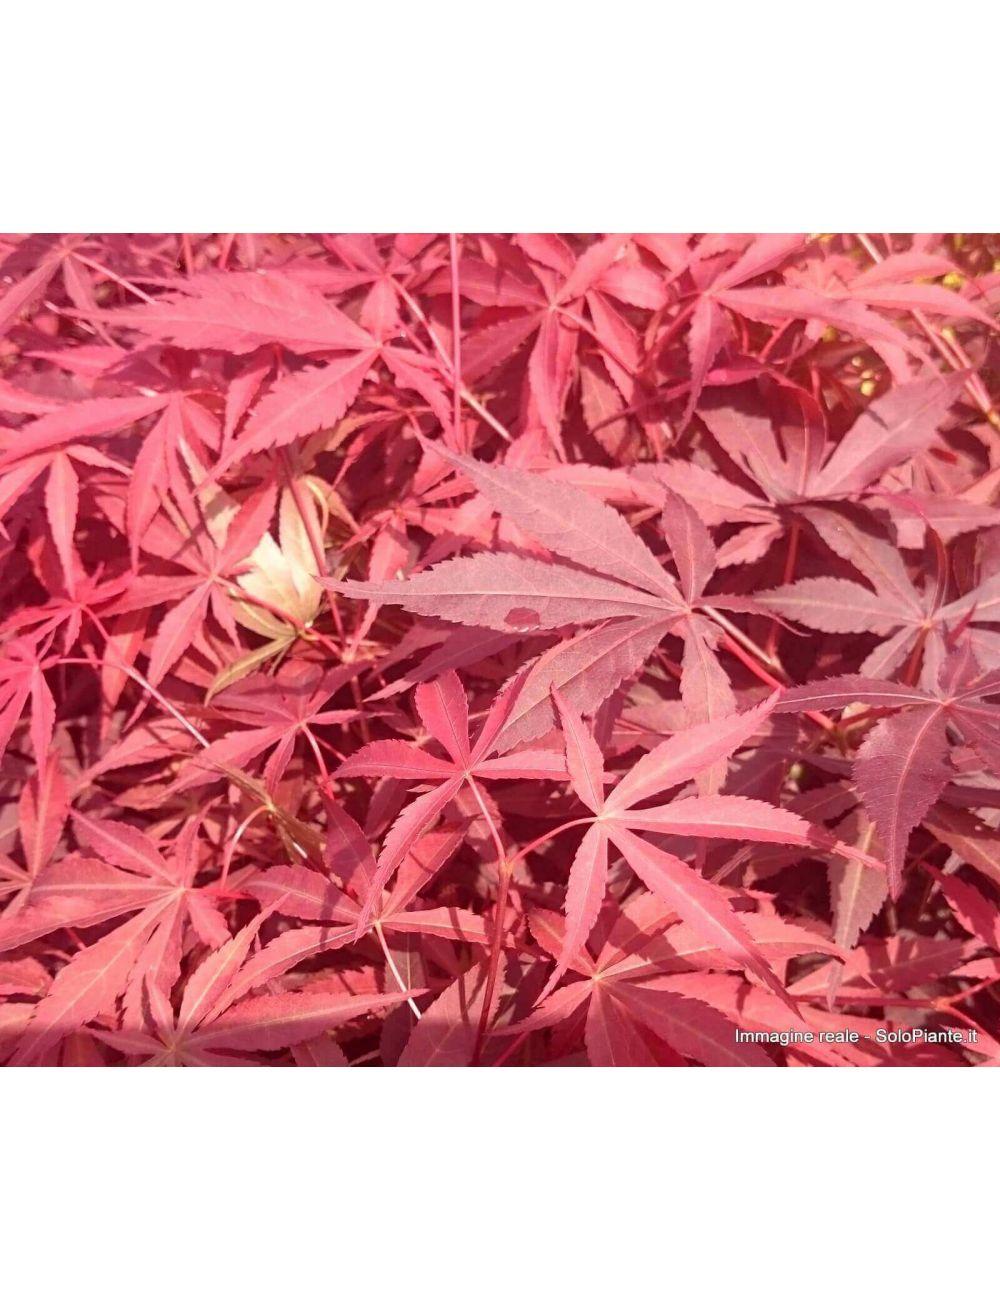 Acero Giapponese Atropurpureum